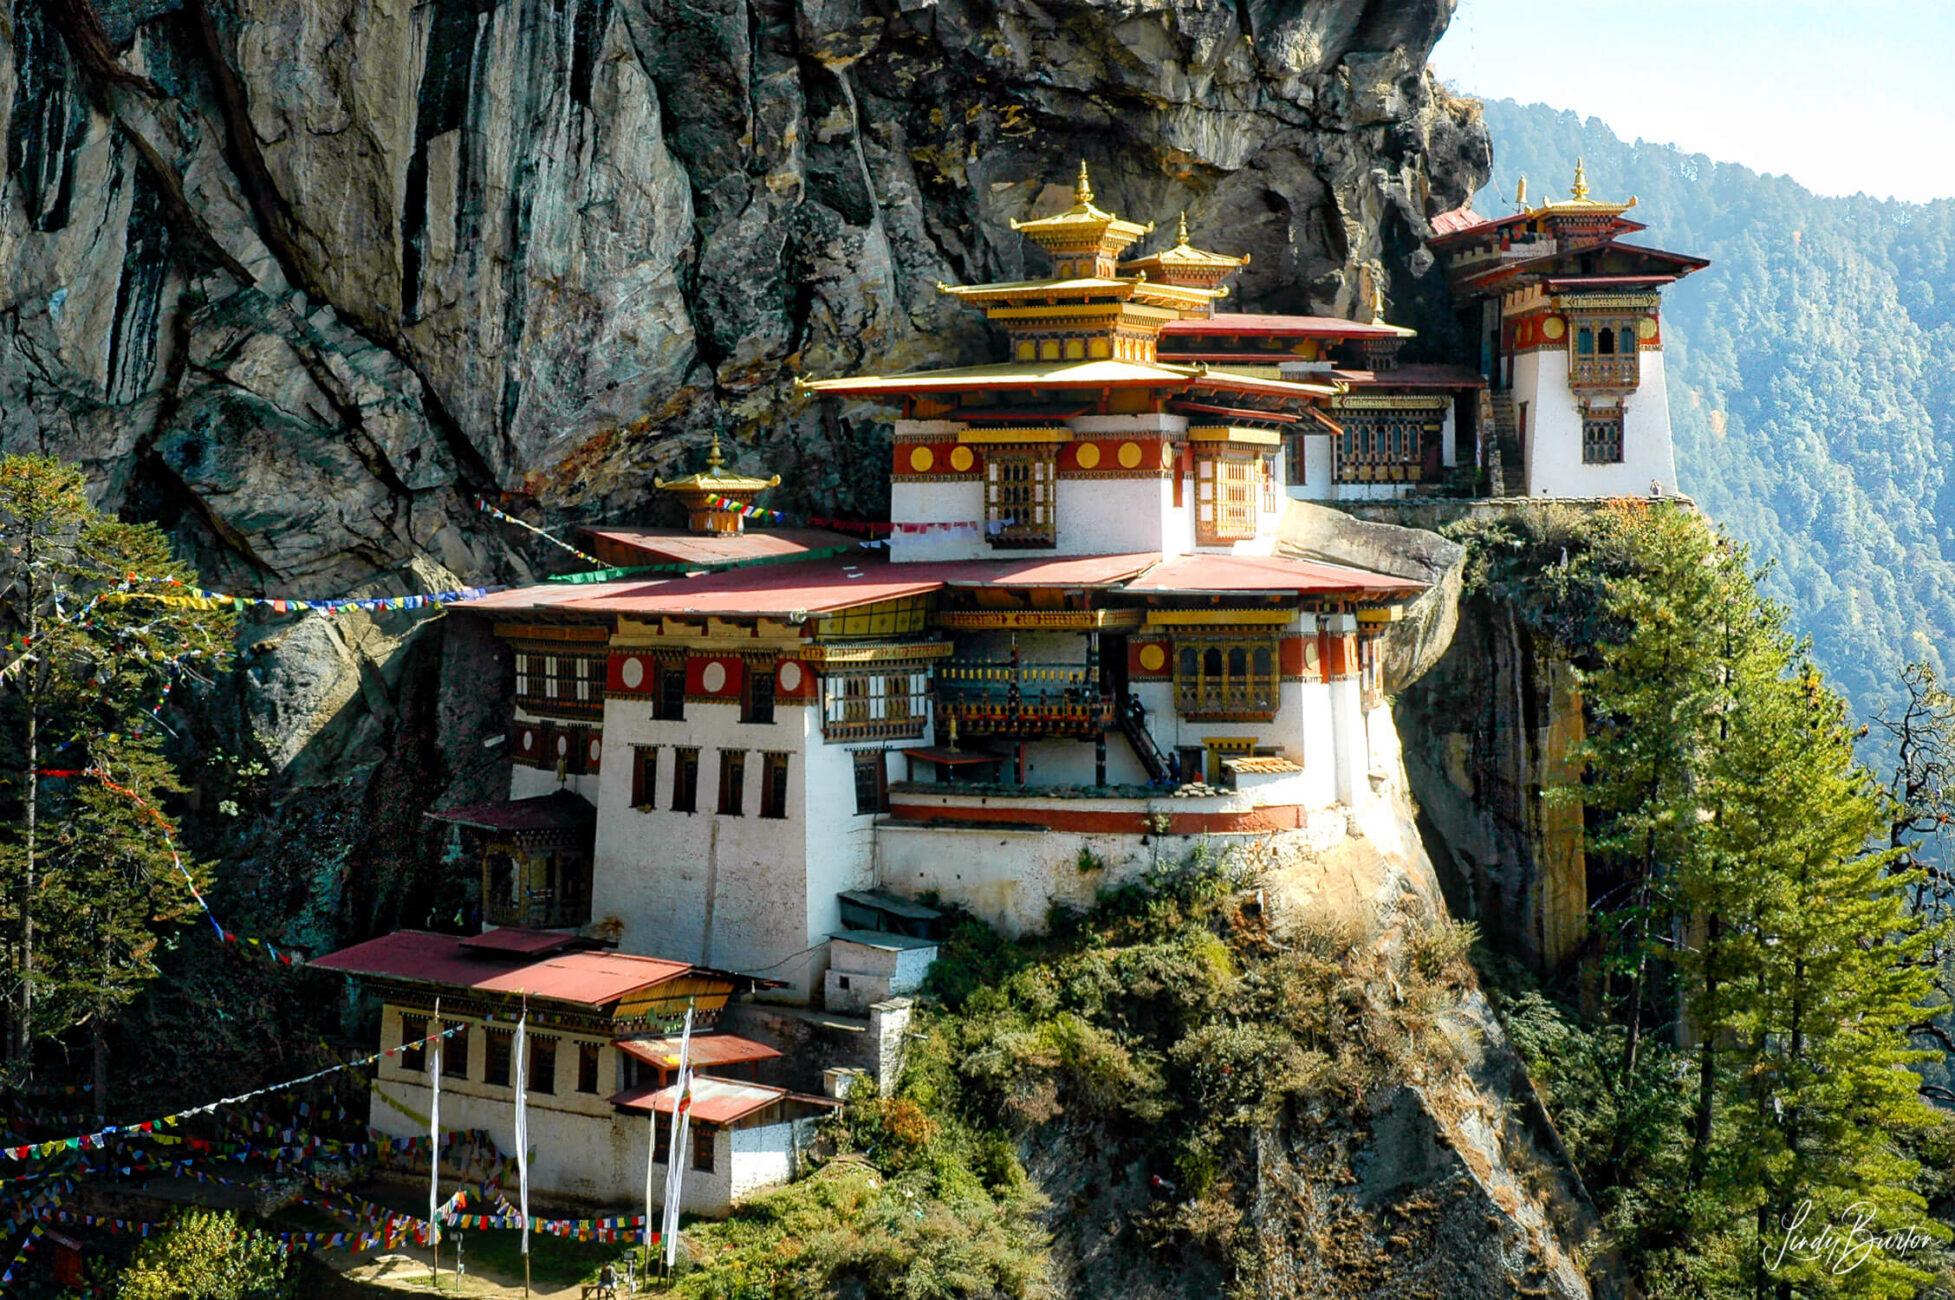 Tiger's Nest Monastery (Taktsang), Bhutan